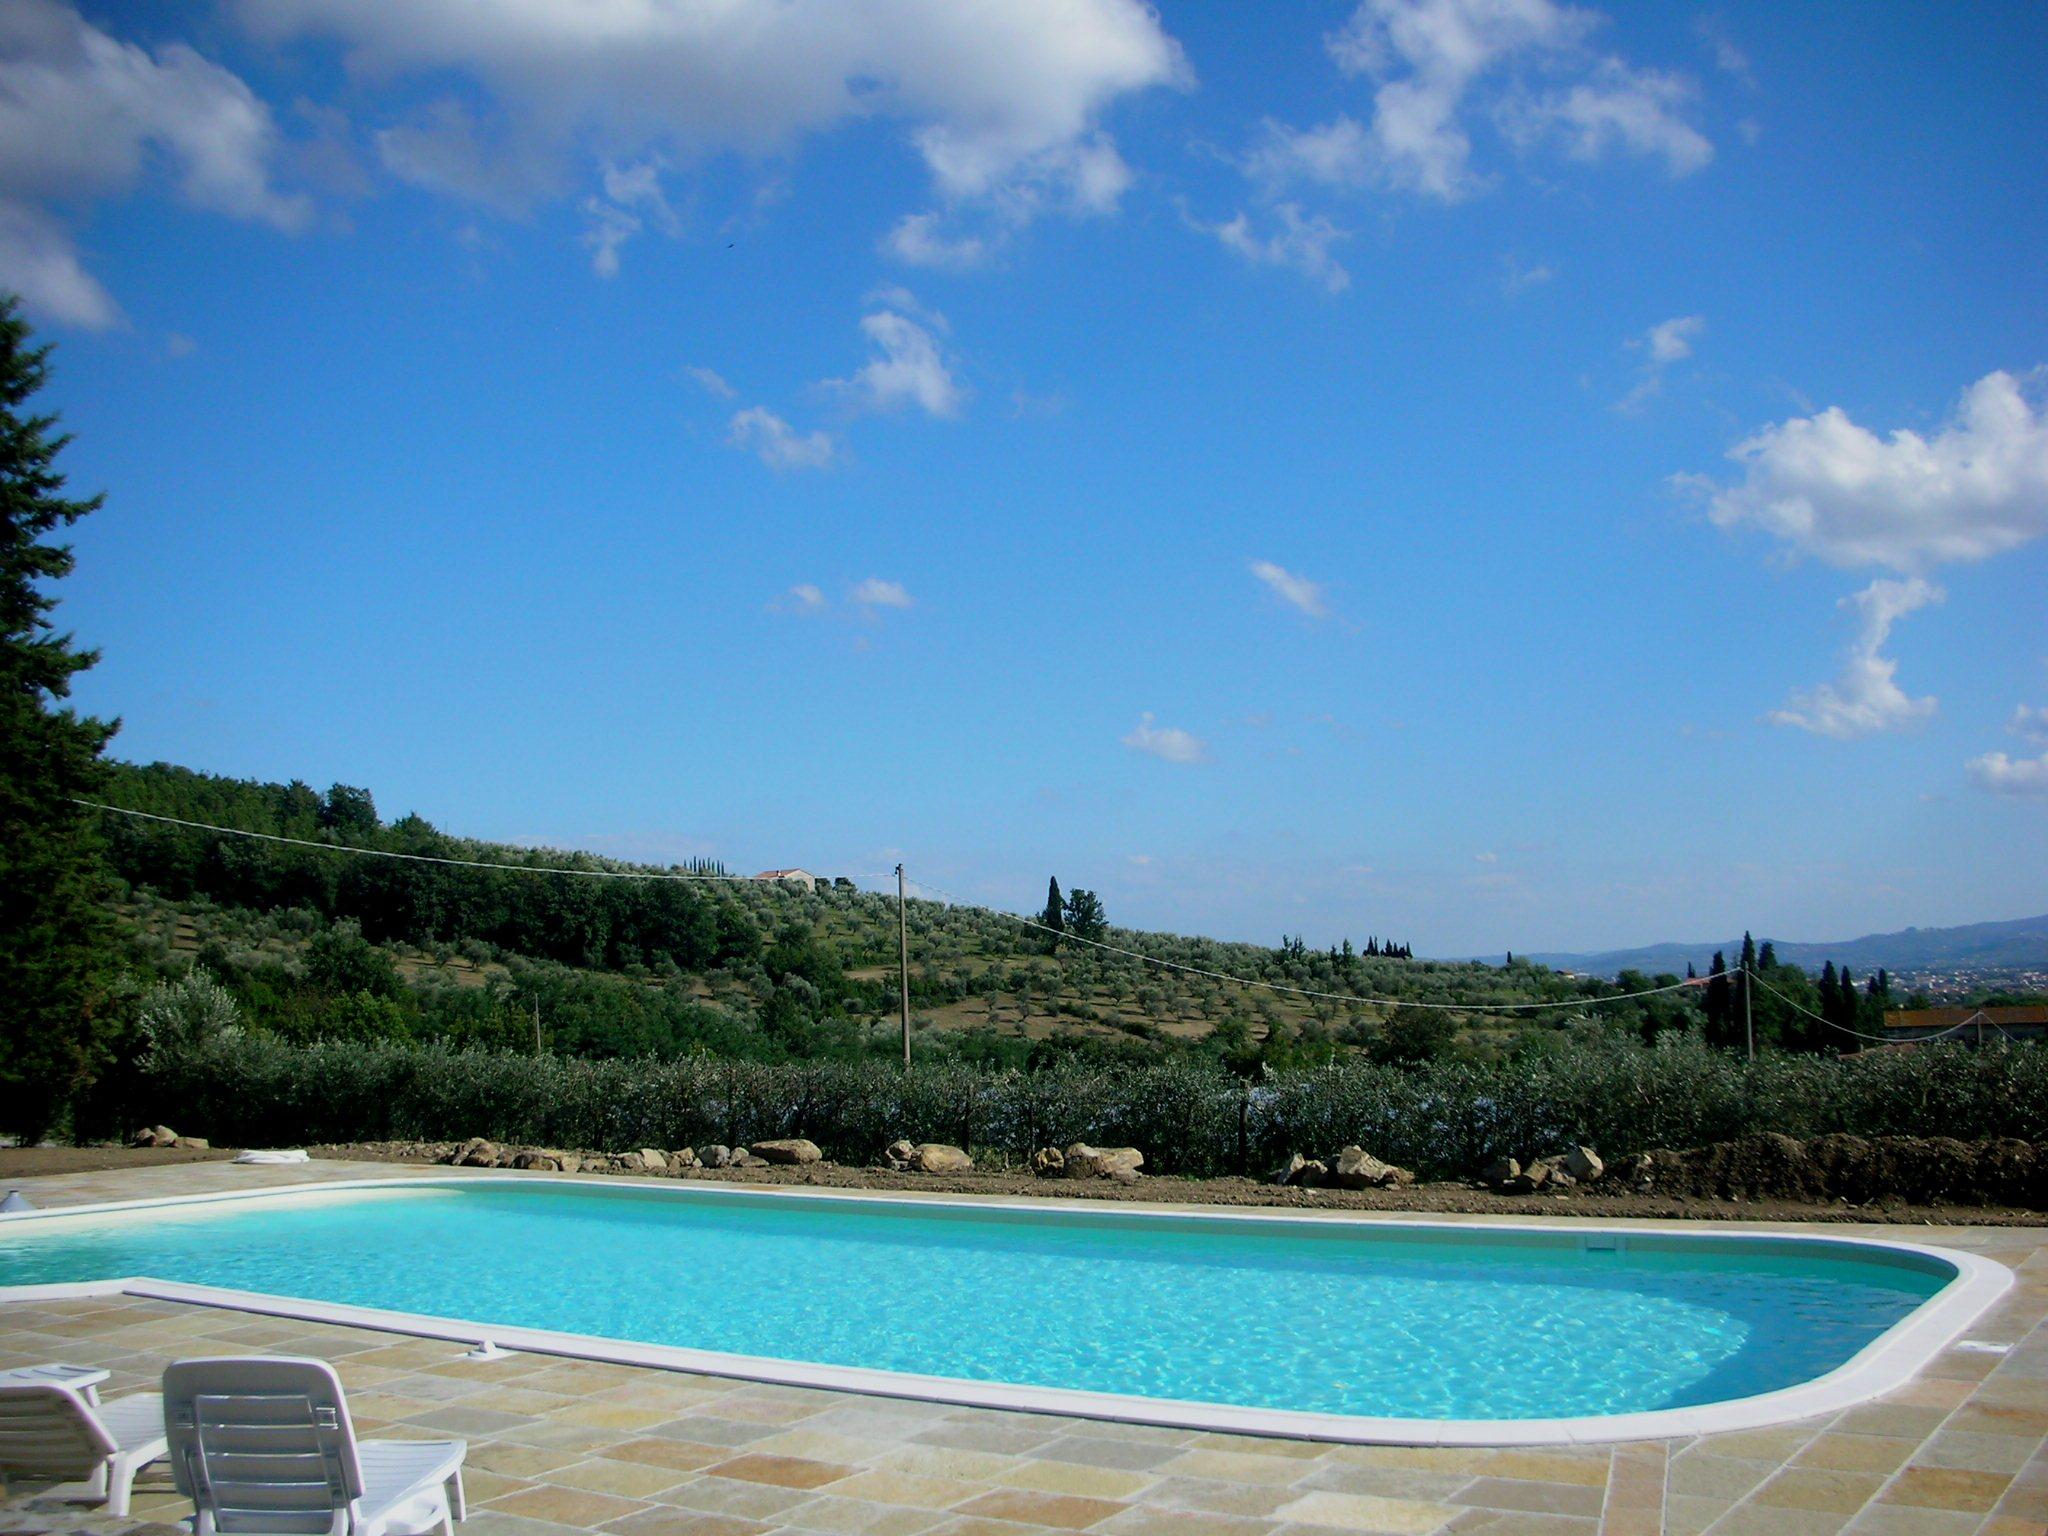 piscina panorama